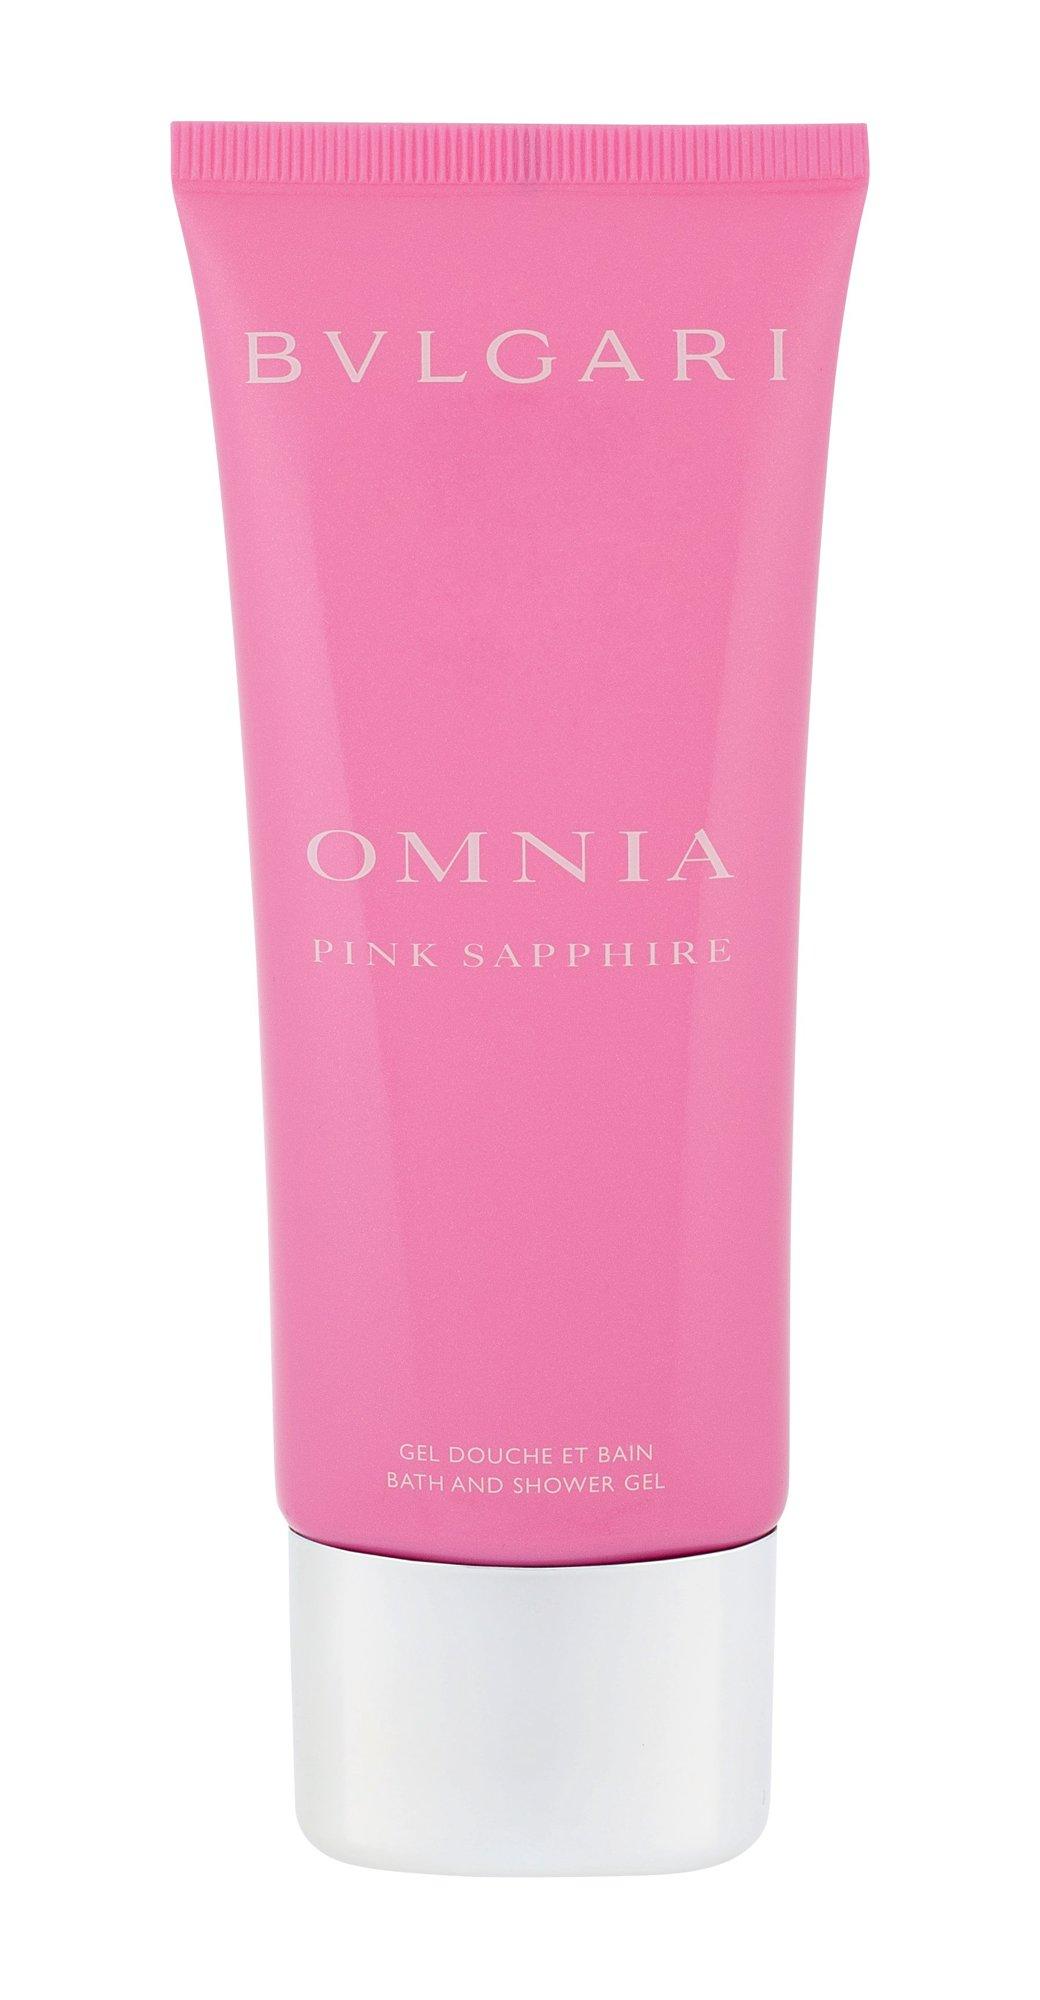 Bvlgari Omnia Pink Sapphire, Sprchovací gél 100ml